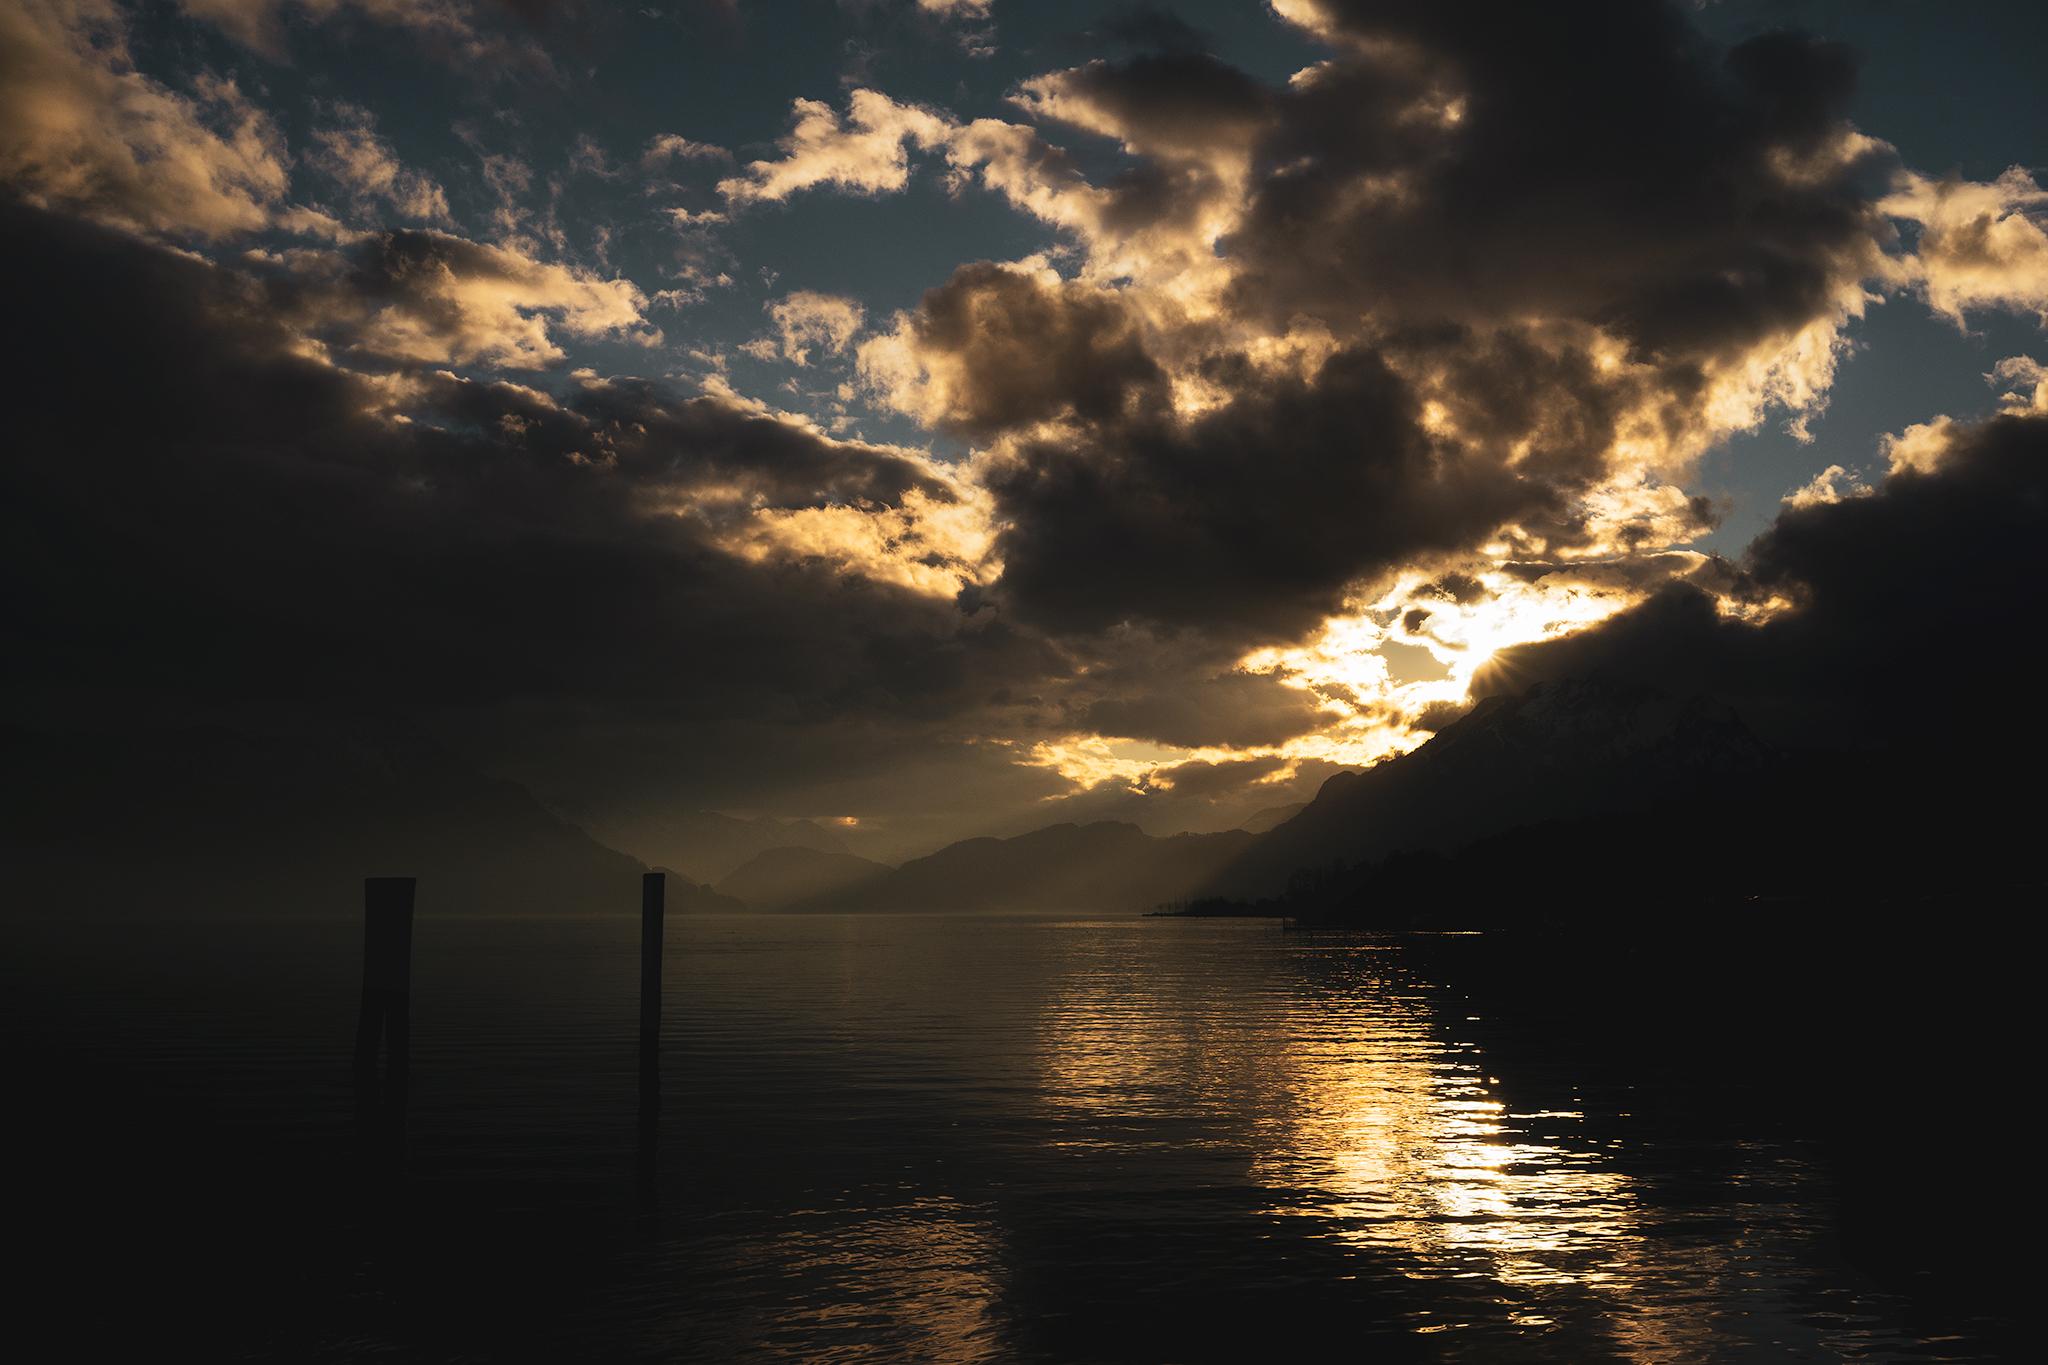 Sunset, Switzerland